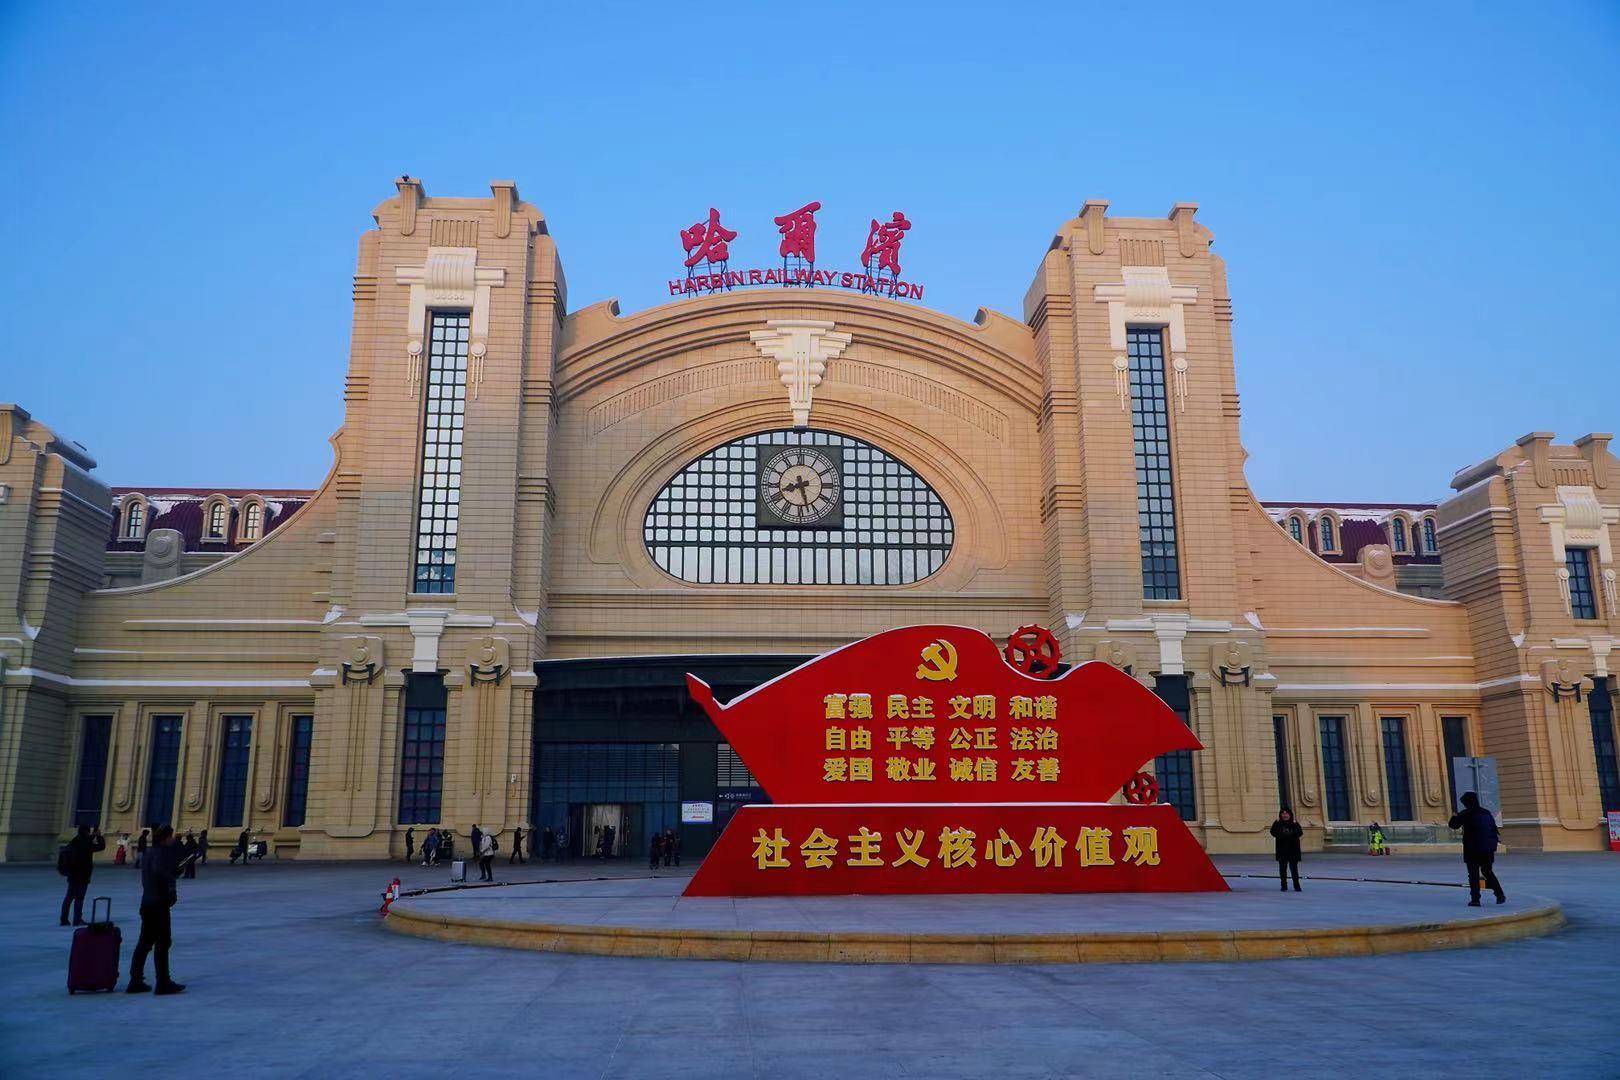 中国夏天适合避暑的6大城市,夏天不用开空调,暑假去旅游很凉爽